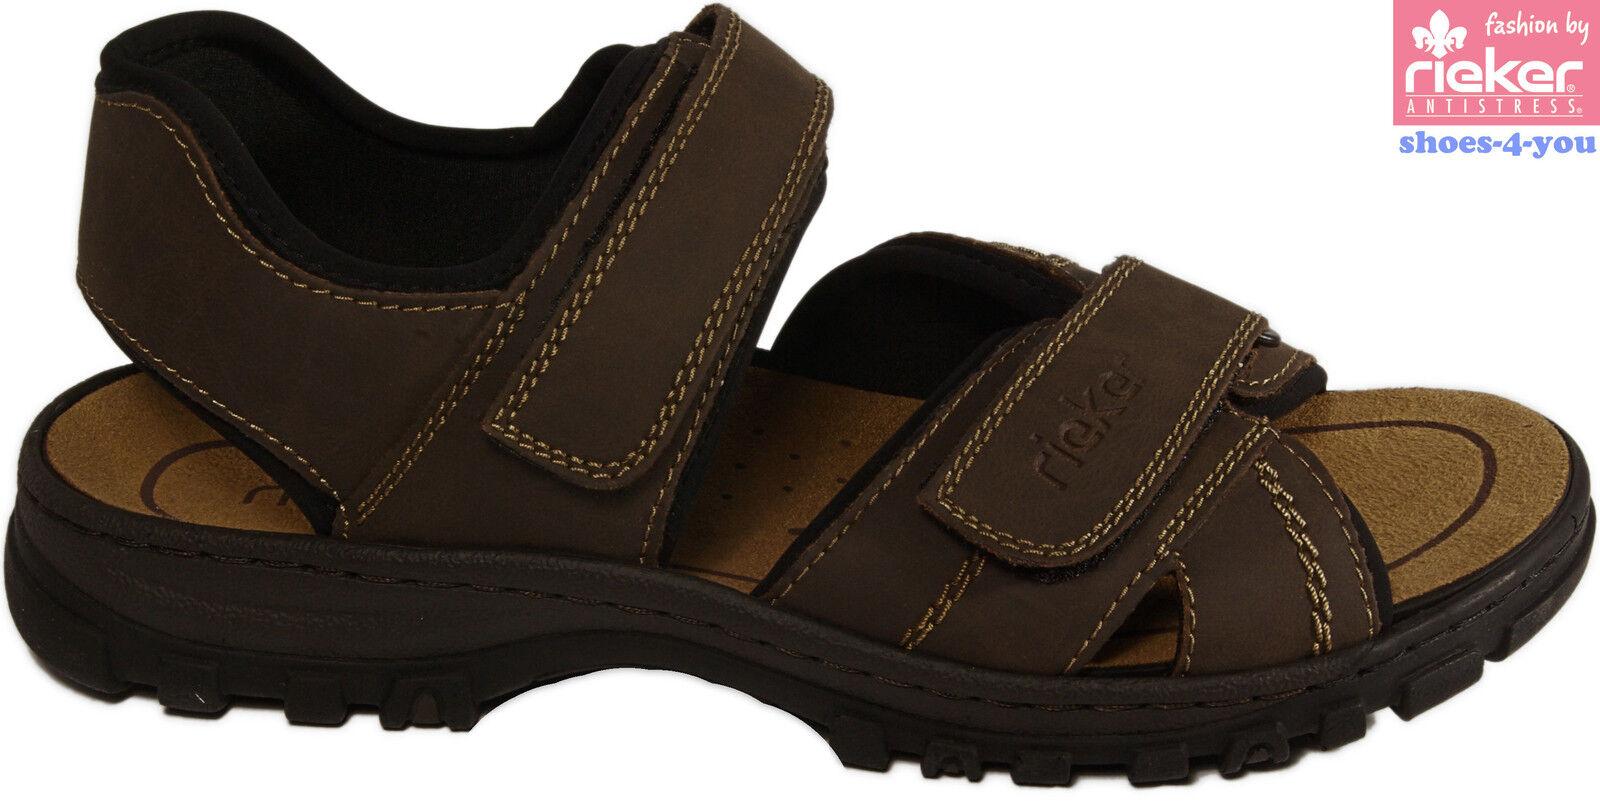 RIEKER Schuhe Sandale Freizeitsandalen Trekkingsandale braun Klettverschluss NEU